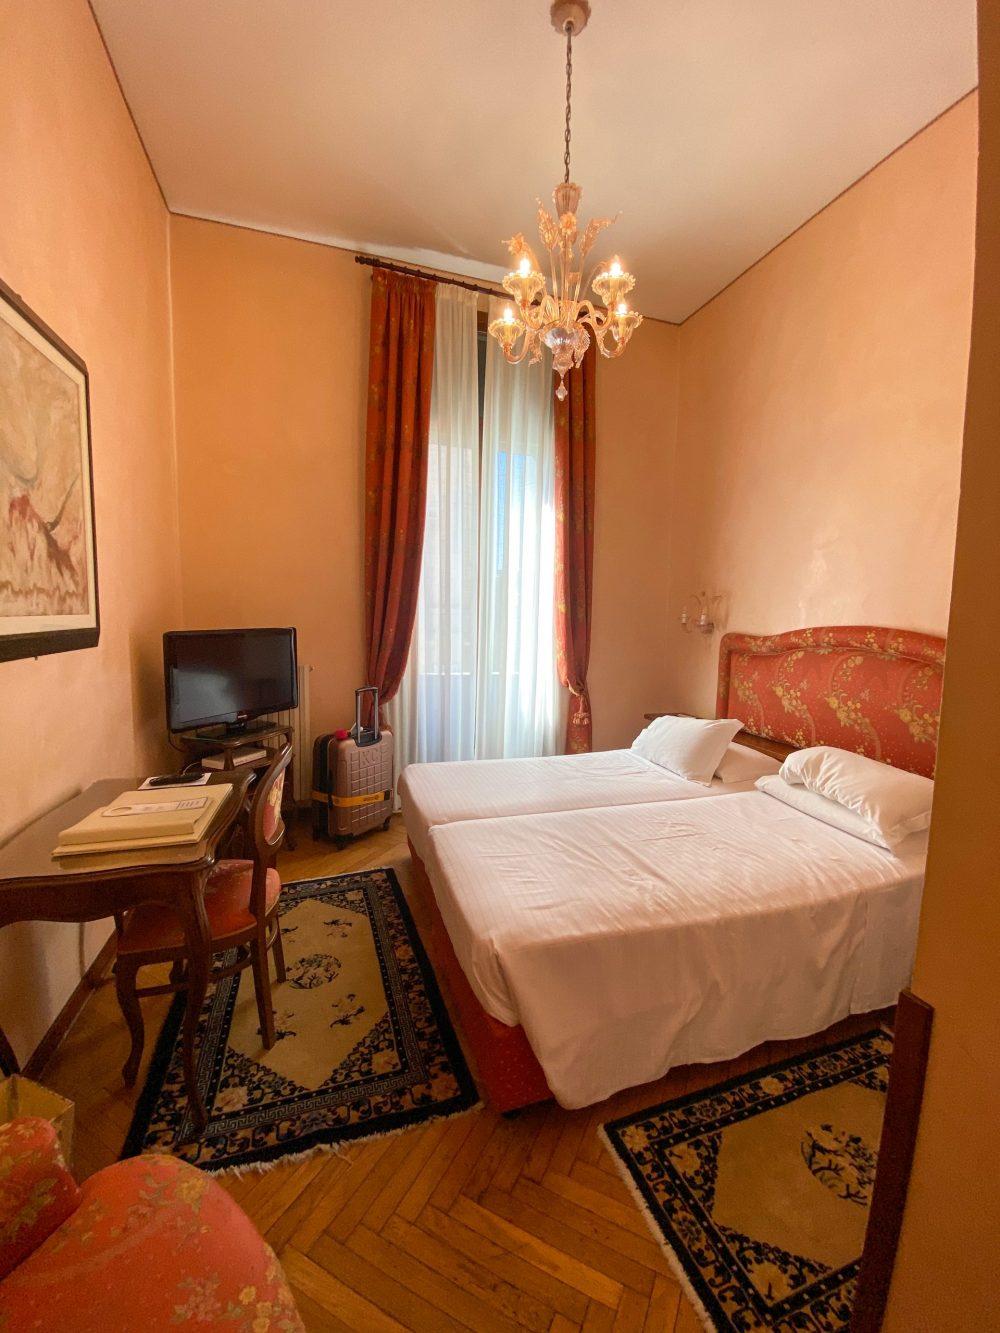 Double room in the Hotel Bonvecchiati, Venice, Italy.